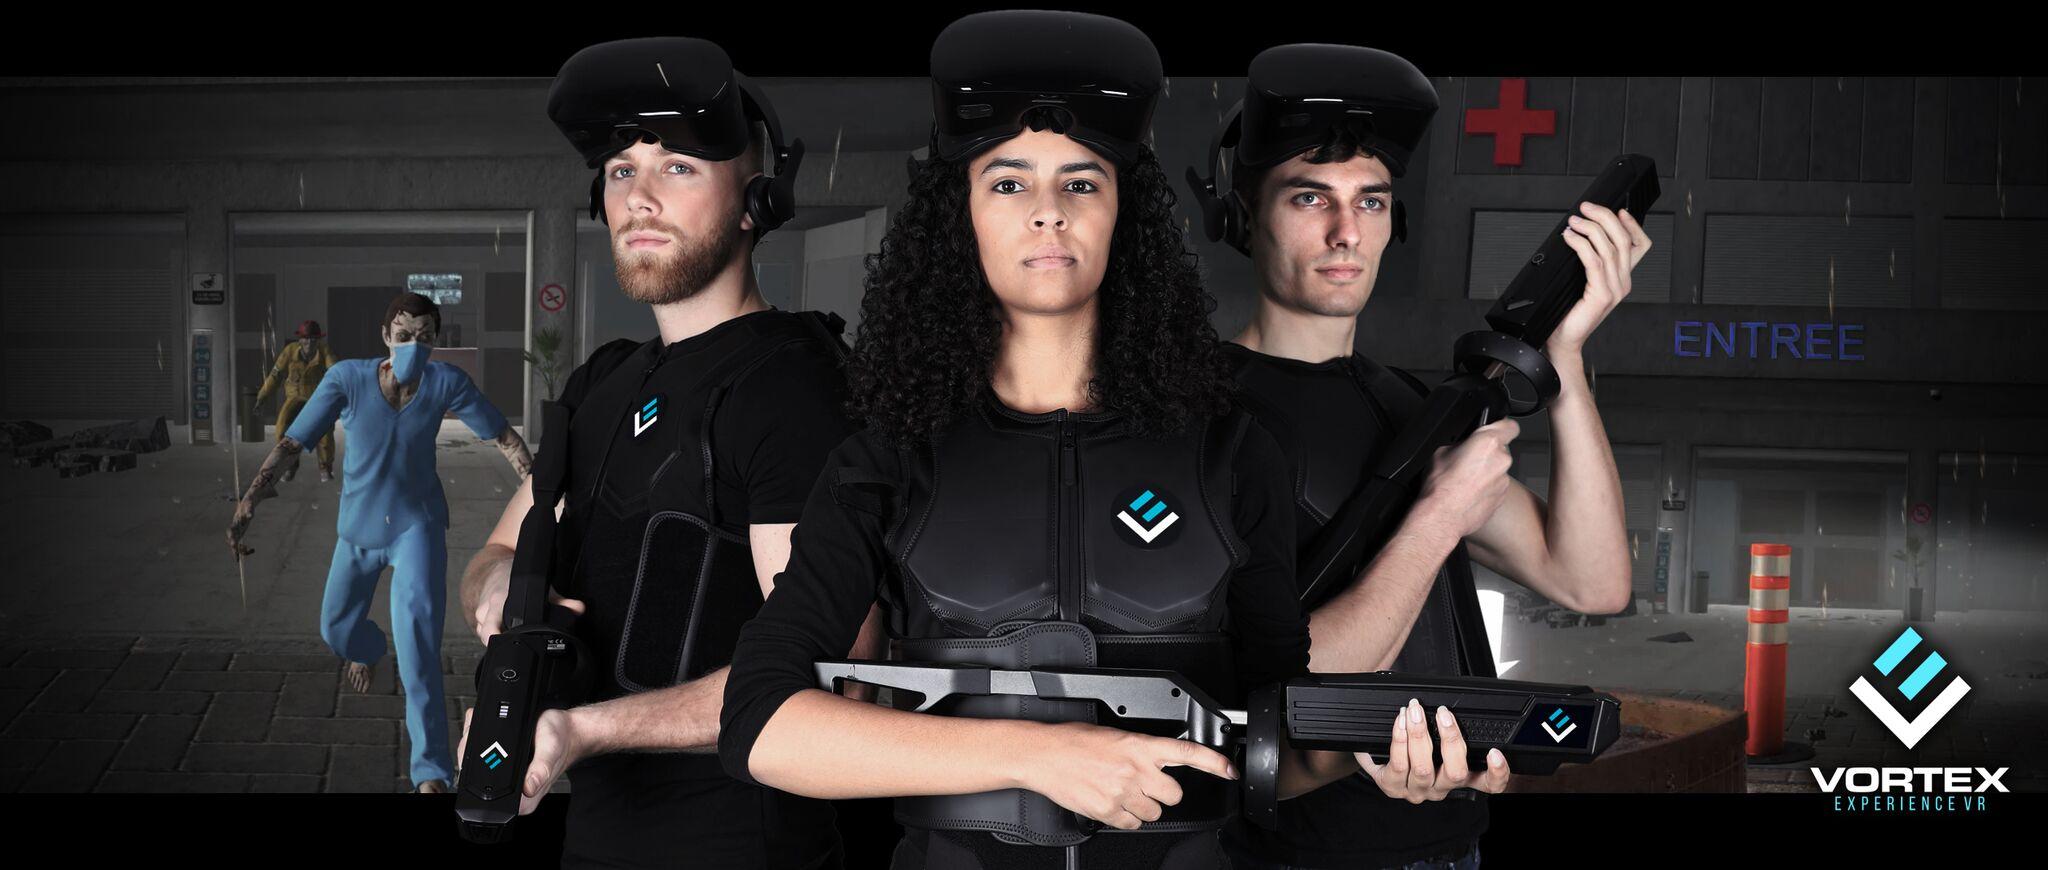 Photo of Vortex experience : sauvez le monde en hyper réalité virtuelle